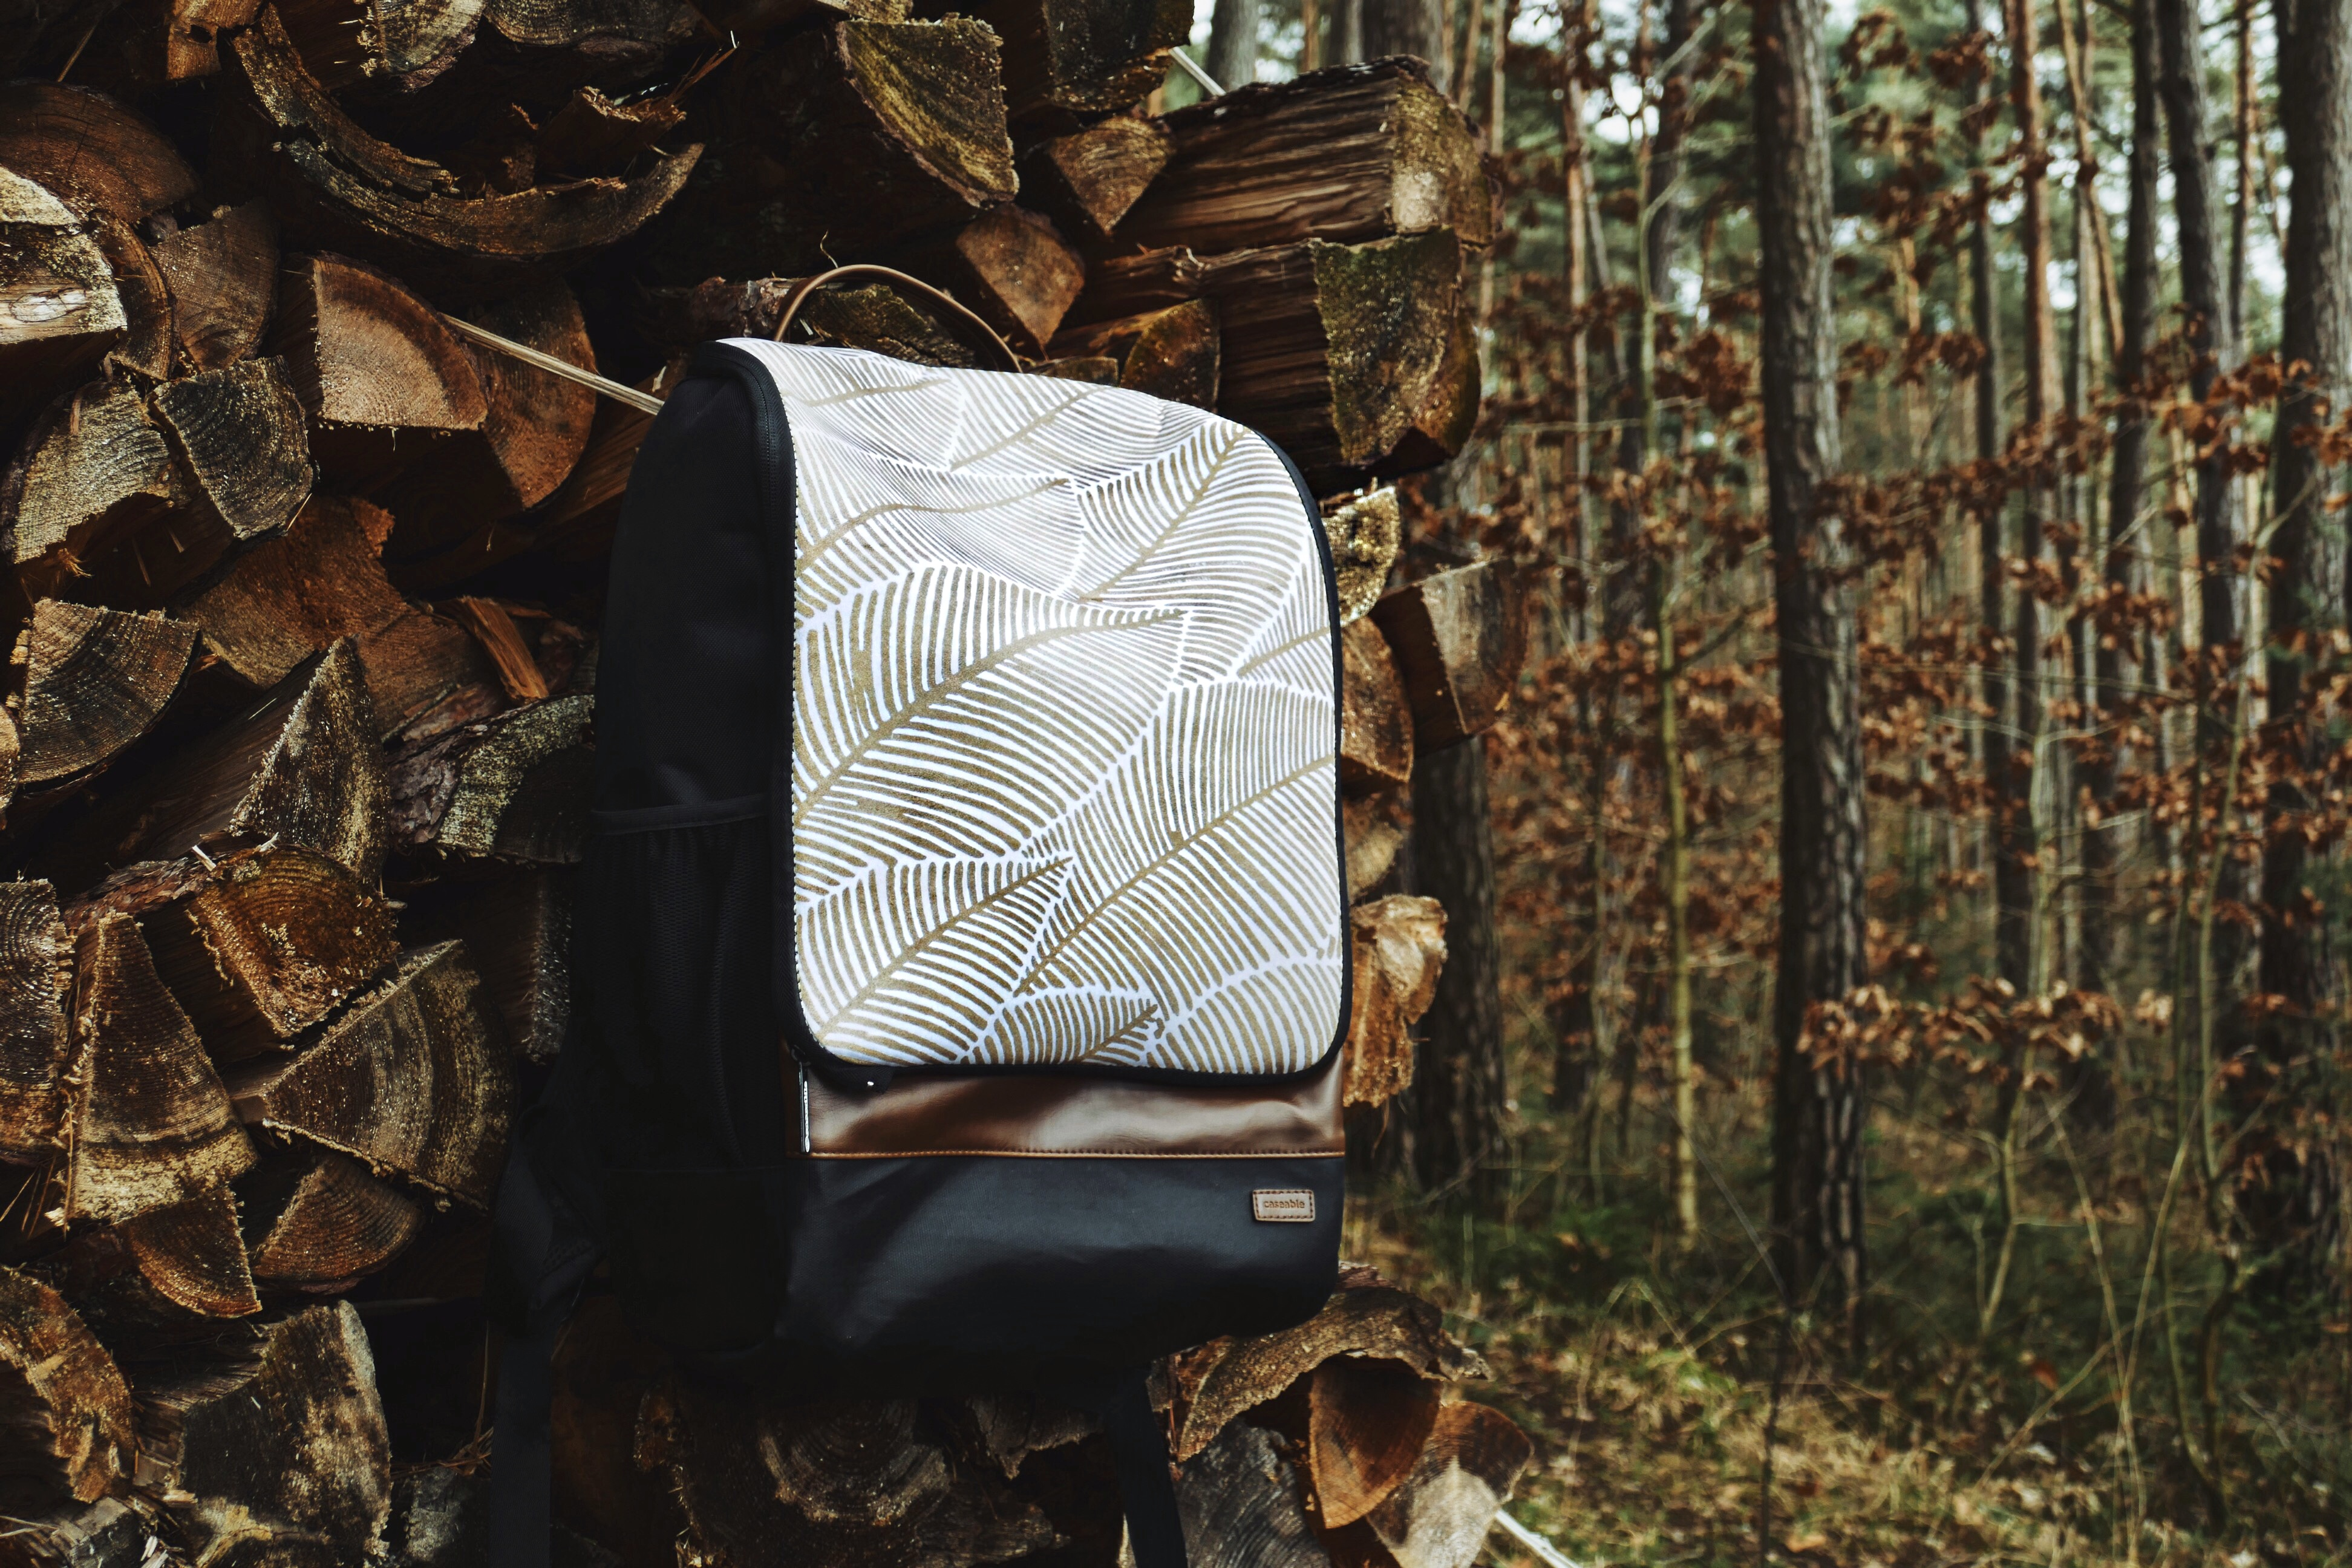 Rucksack , Reise Laptop, Backpacking Rucksack mit Bild, Rucksack individualisieren